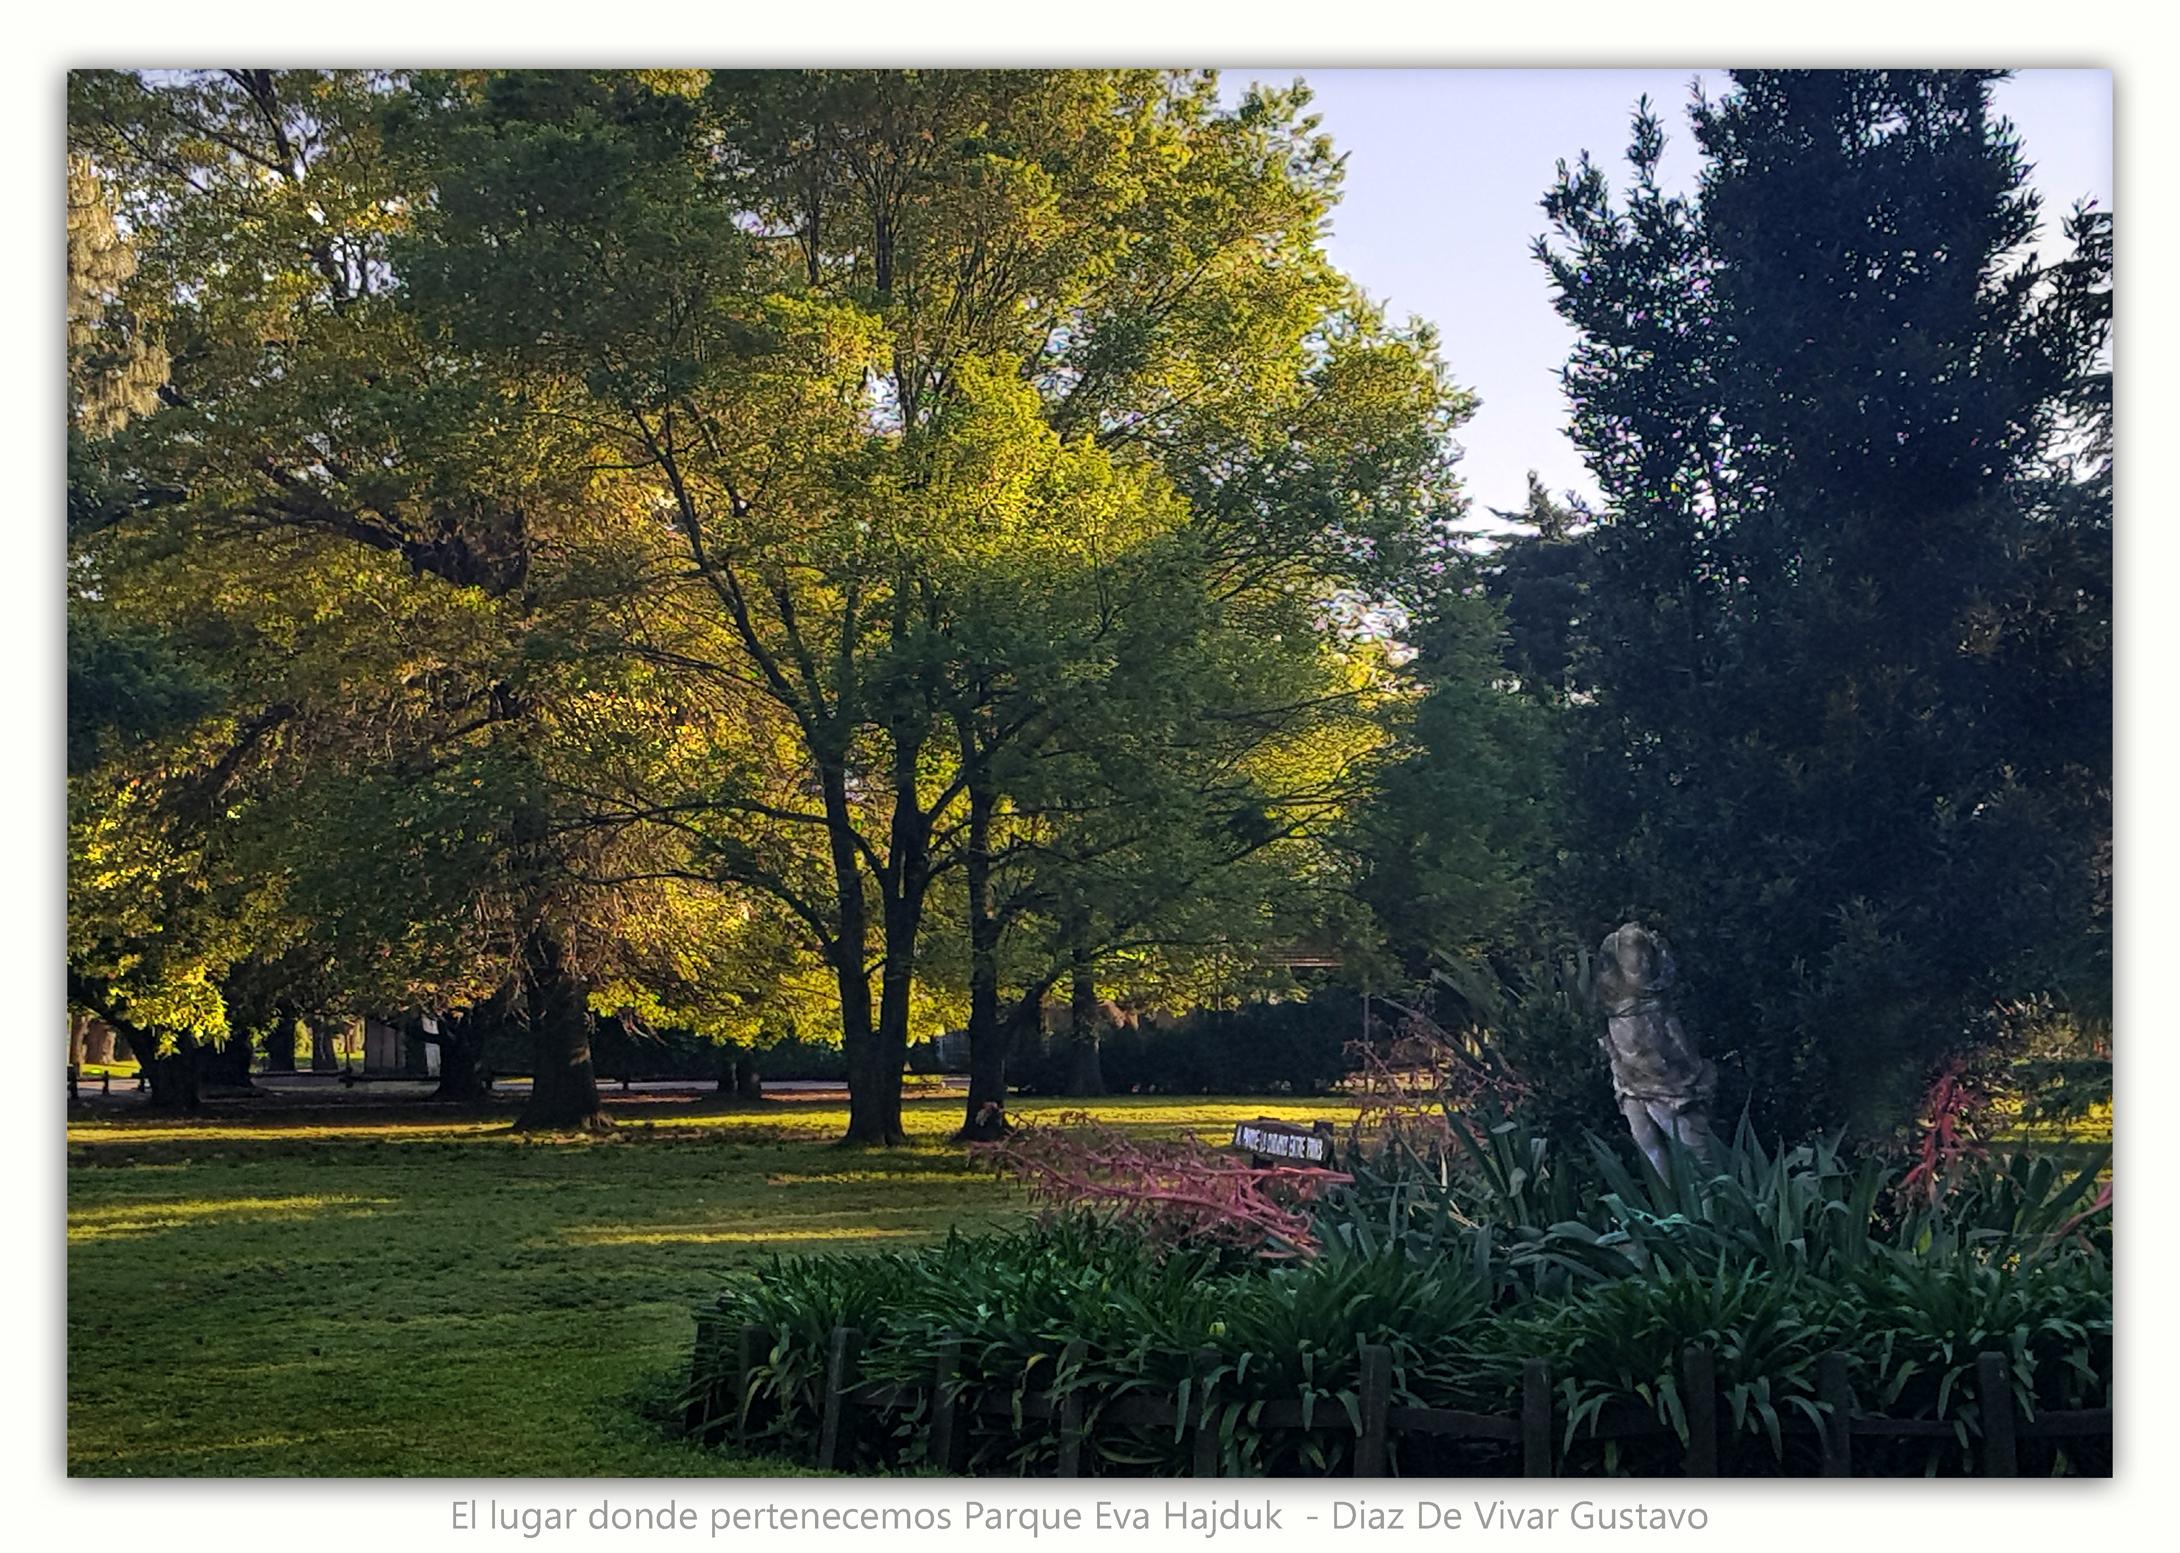 El lugar donde pertenecemos Parque Eva H